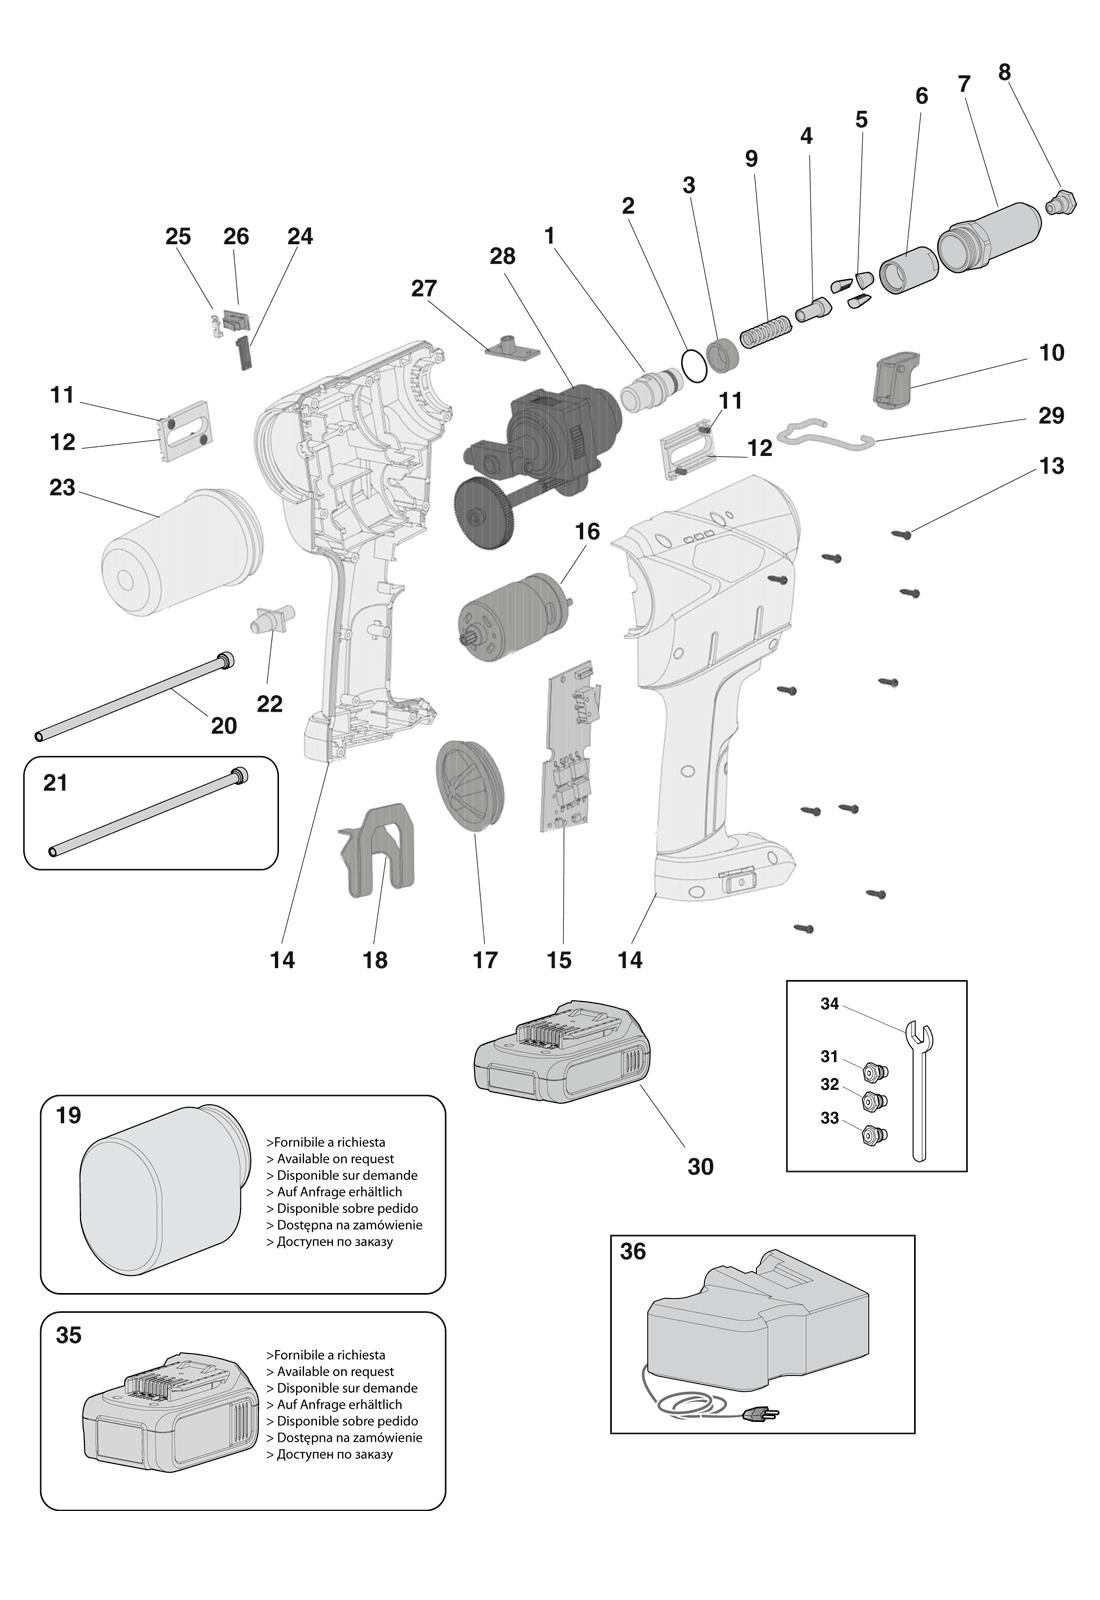 Części do nitownicy EB500 (EXTRA)